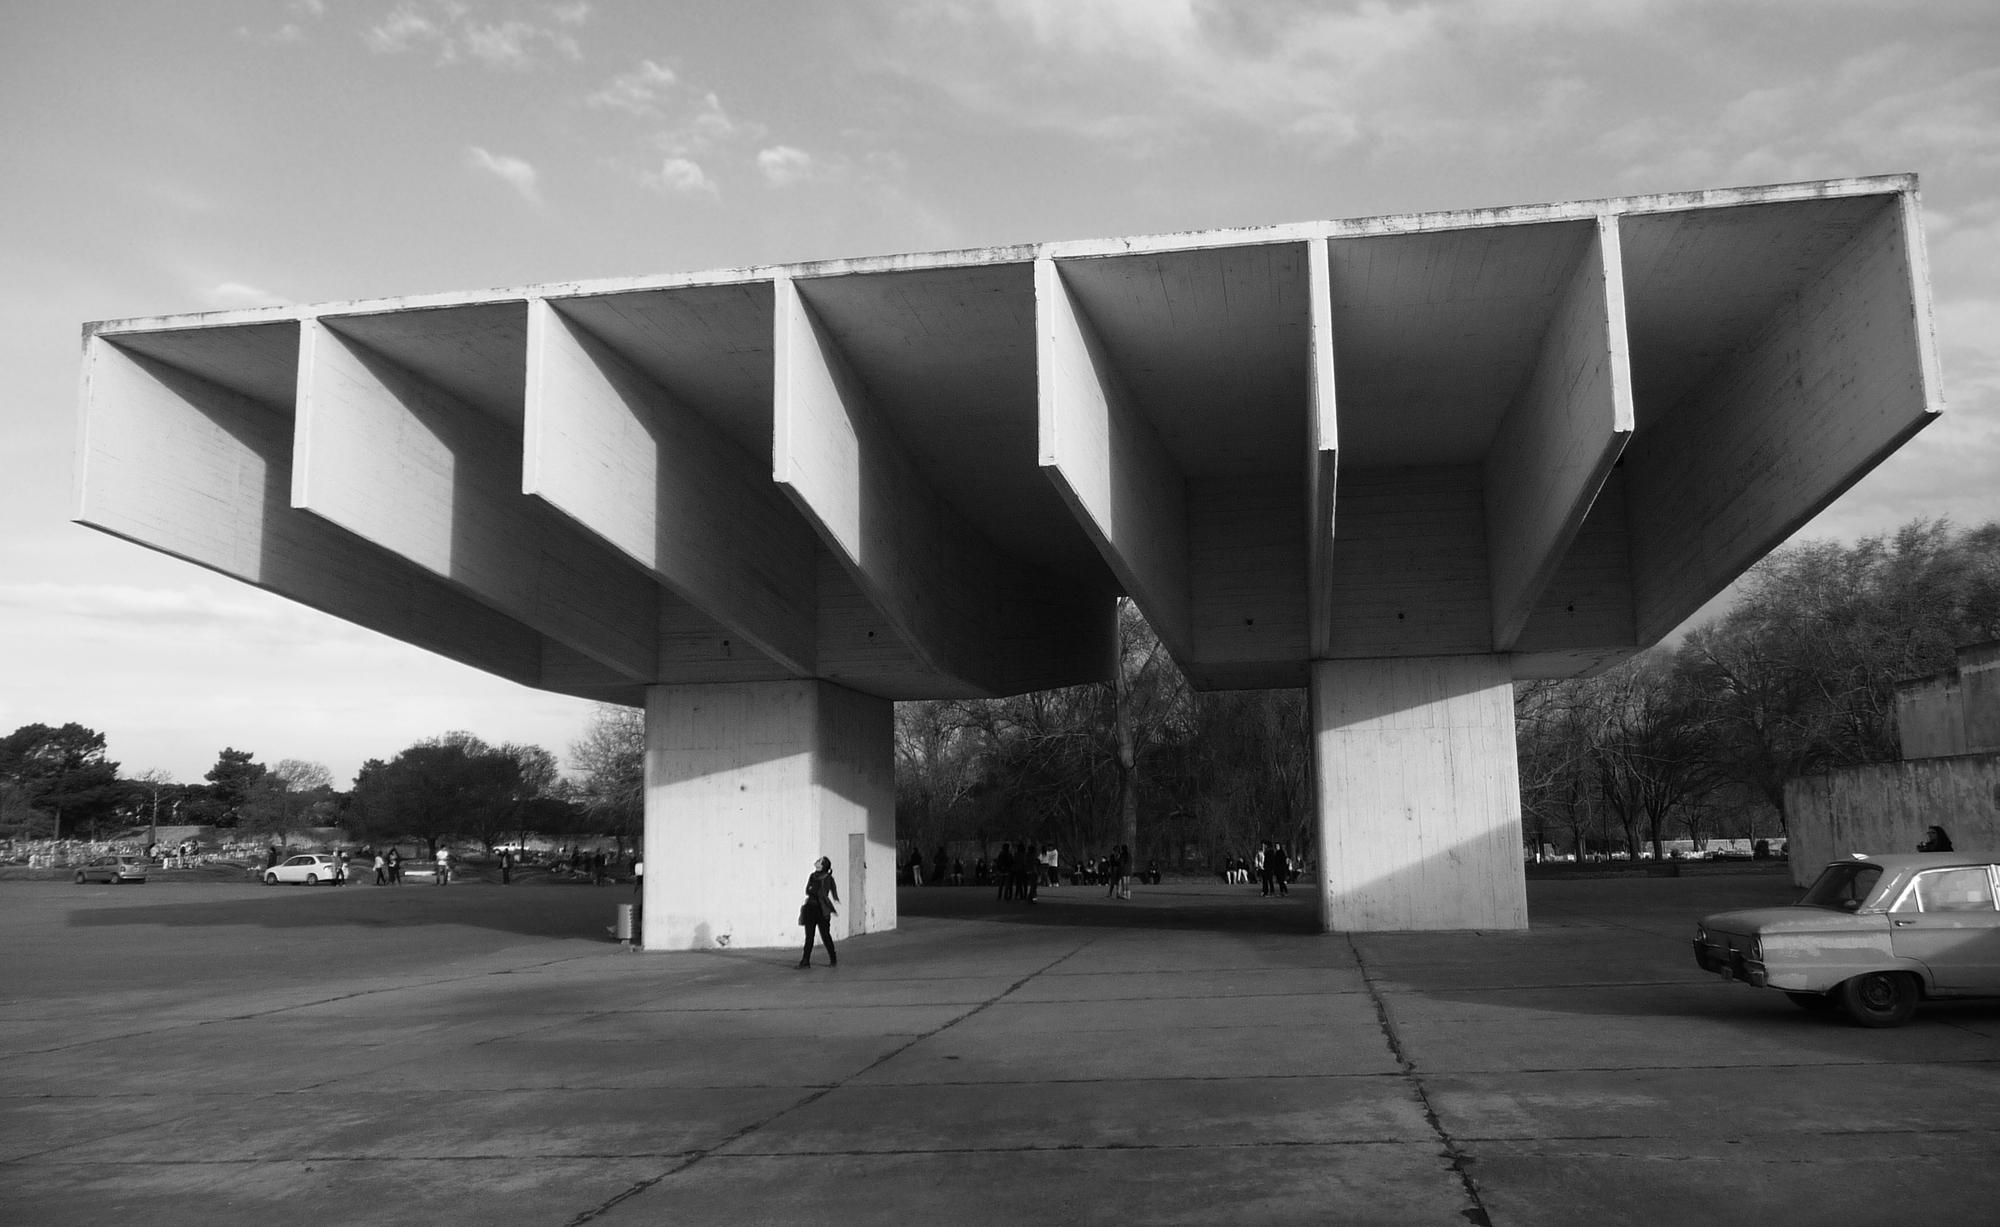 Arquitectas. Maestras del espacio: un catálogo audiovisual de mujeres argentinas que hablan a través de sus obras